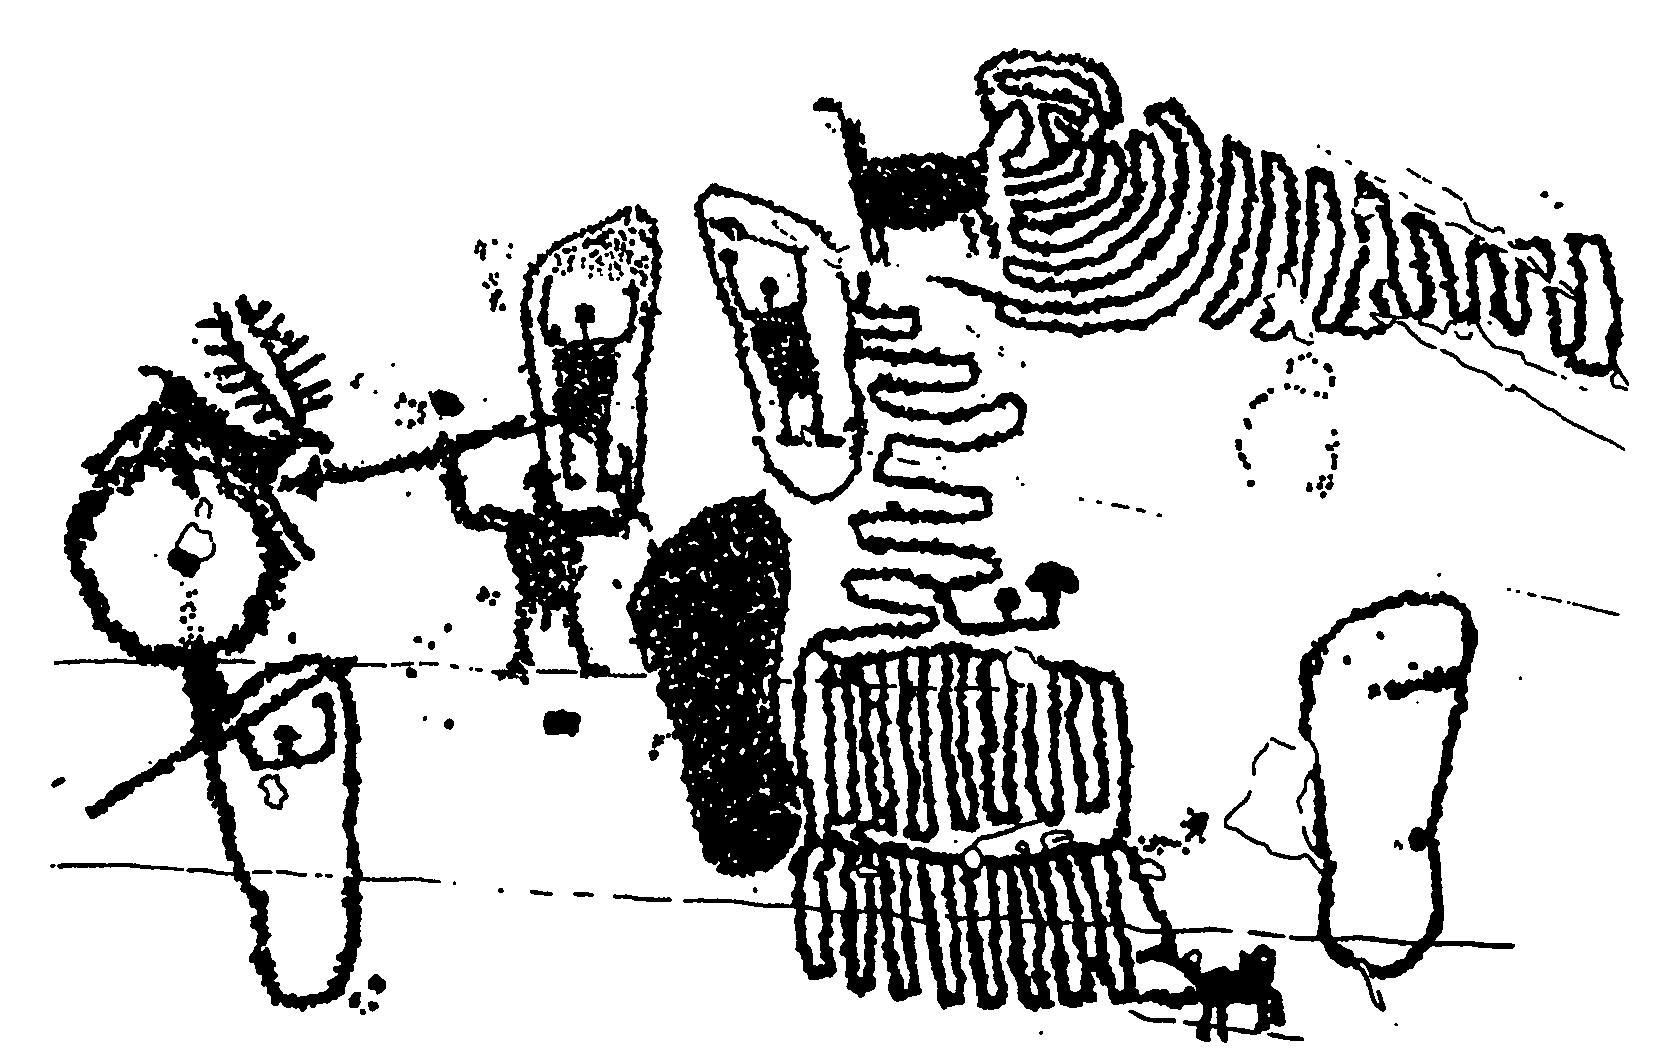 Рис. 11. Петроглифы в долине Валкамоника, итальянские Альпы. 850-700 гг. до н.э.